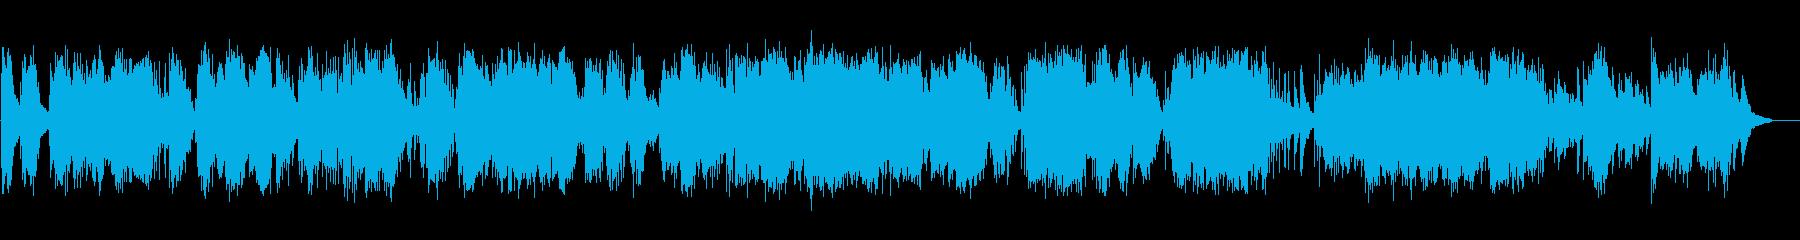 ヒーリング系ピアノ即興演奏の再生済みの波形